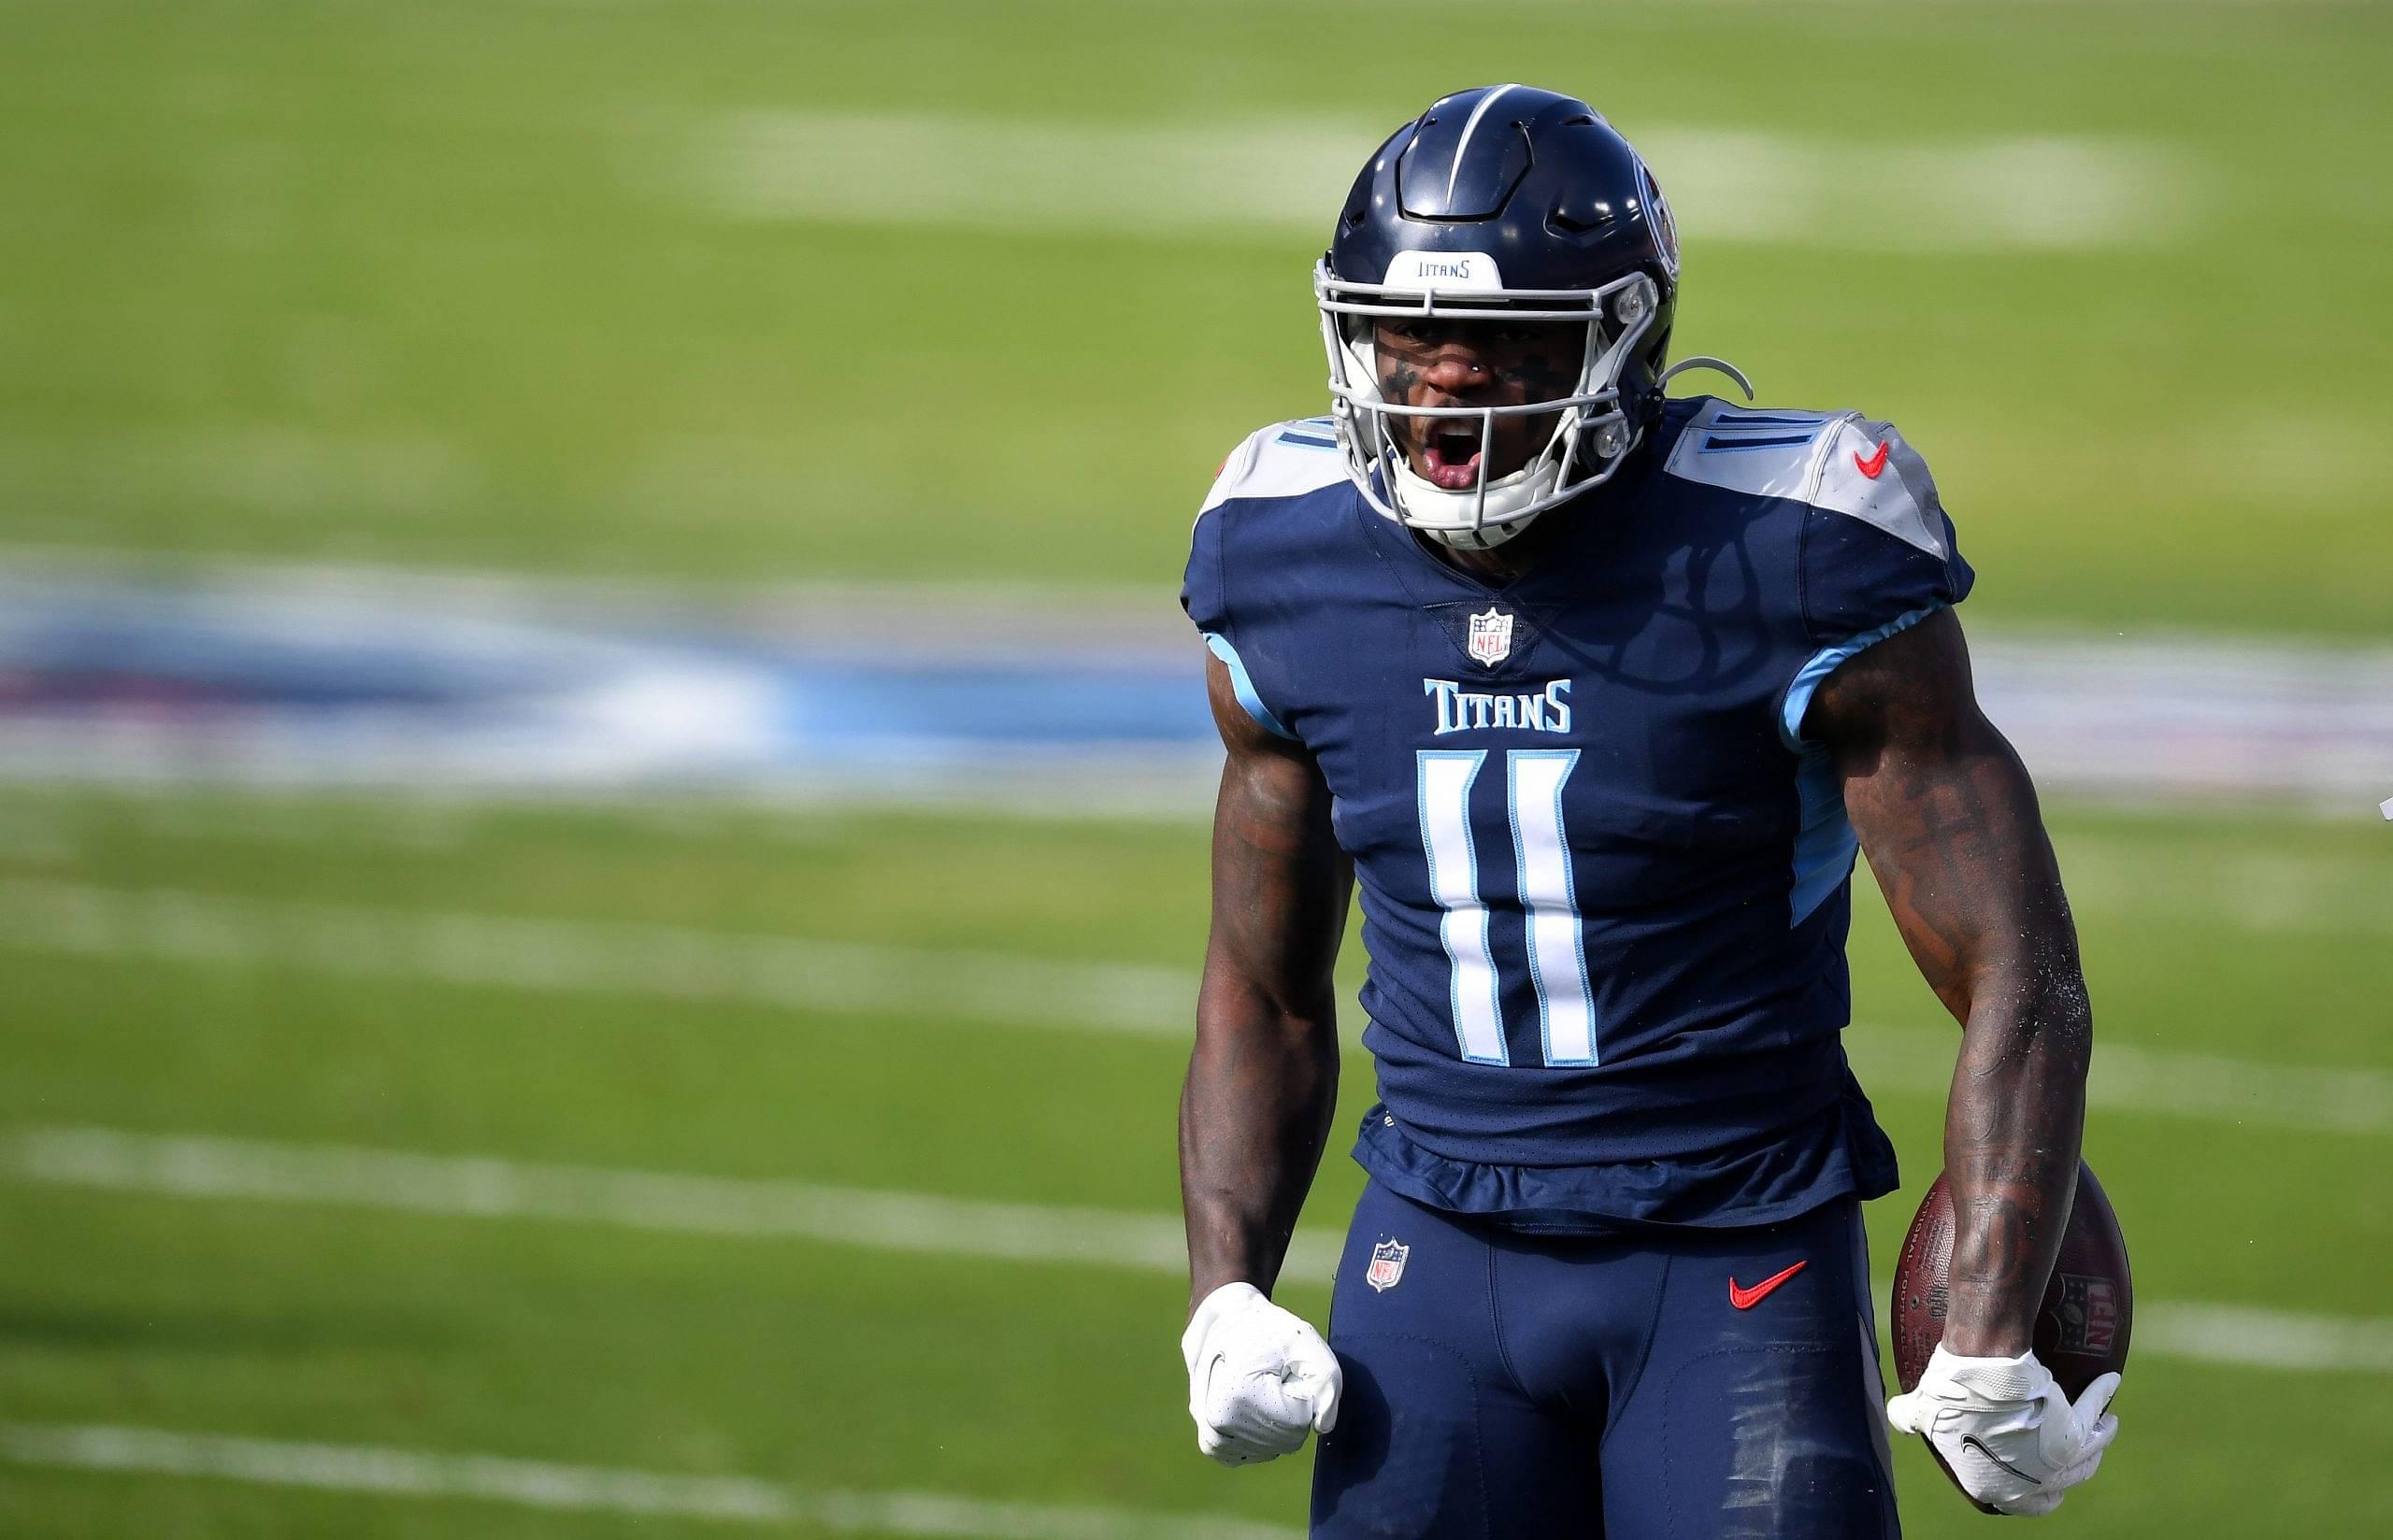 Titans vs. Ravens: Watch A.J. Brown Make Tough Touchdown Catch